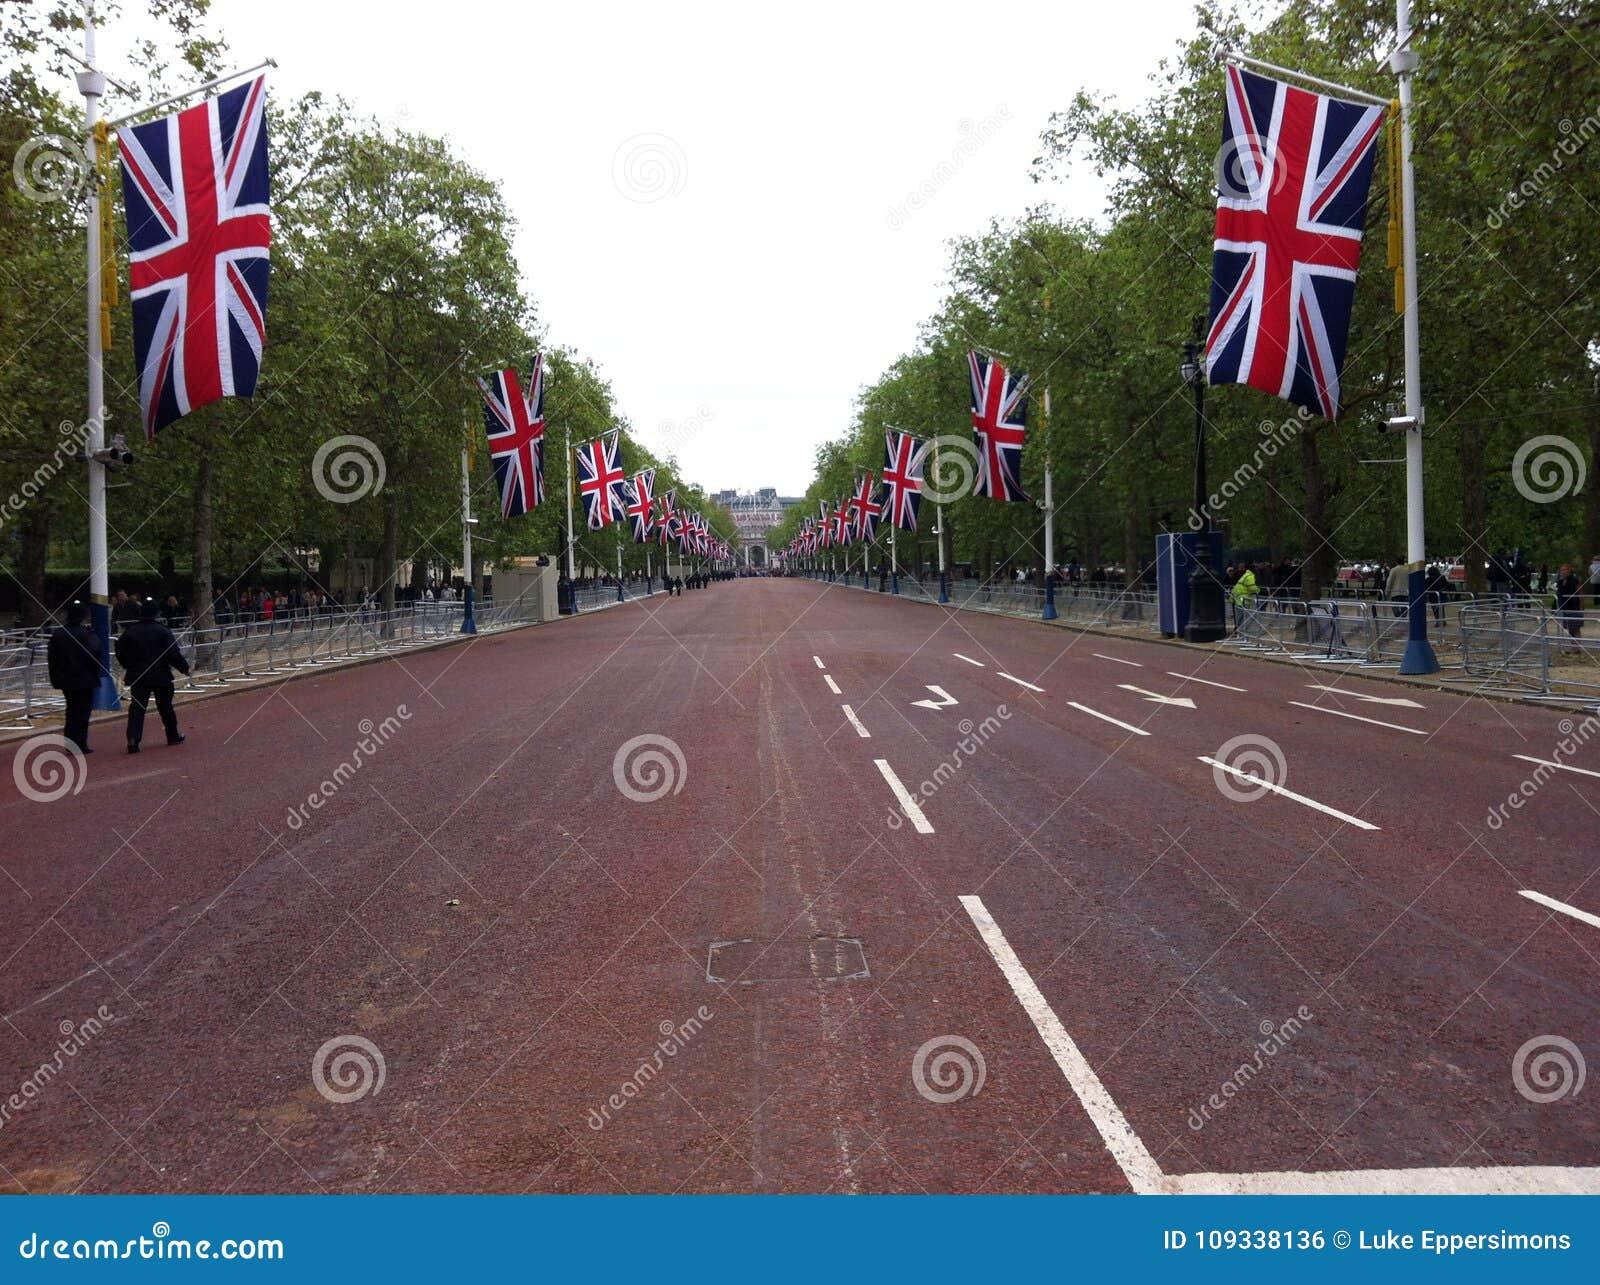 London diamantjubileum som tas från mitt av vägen med många brittiska flaggor